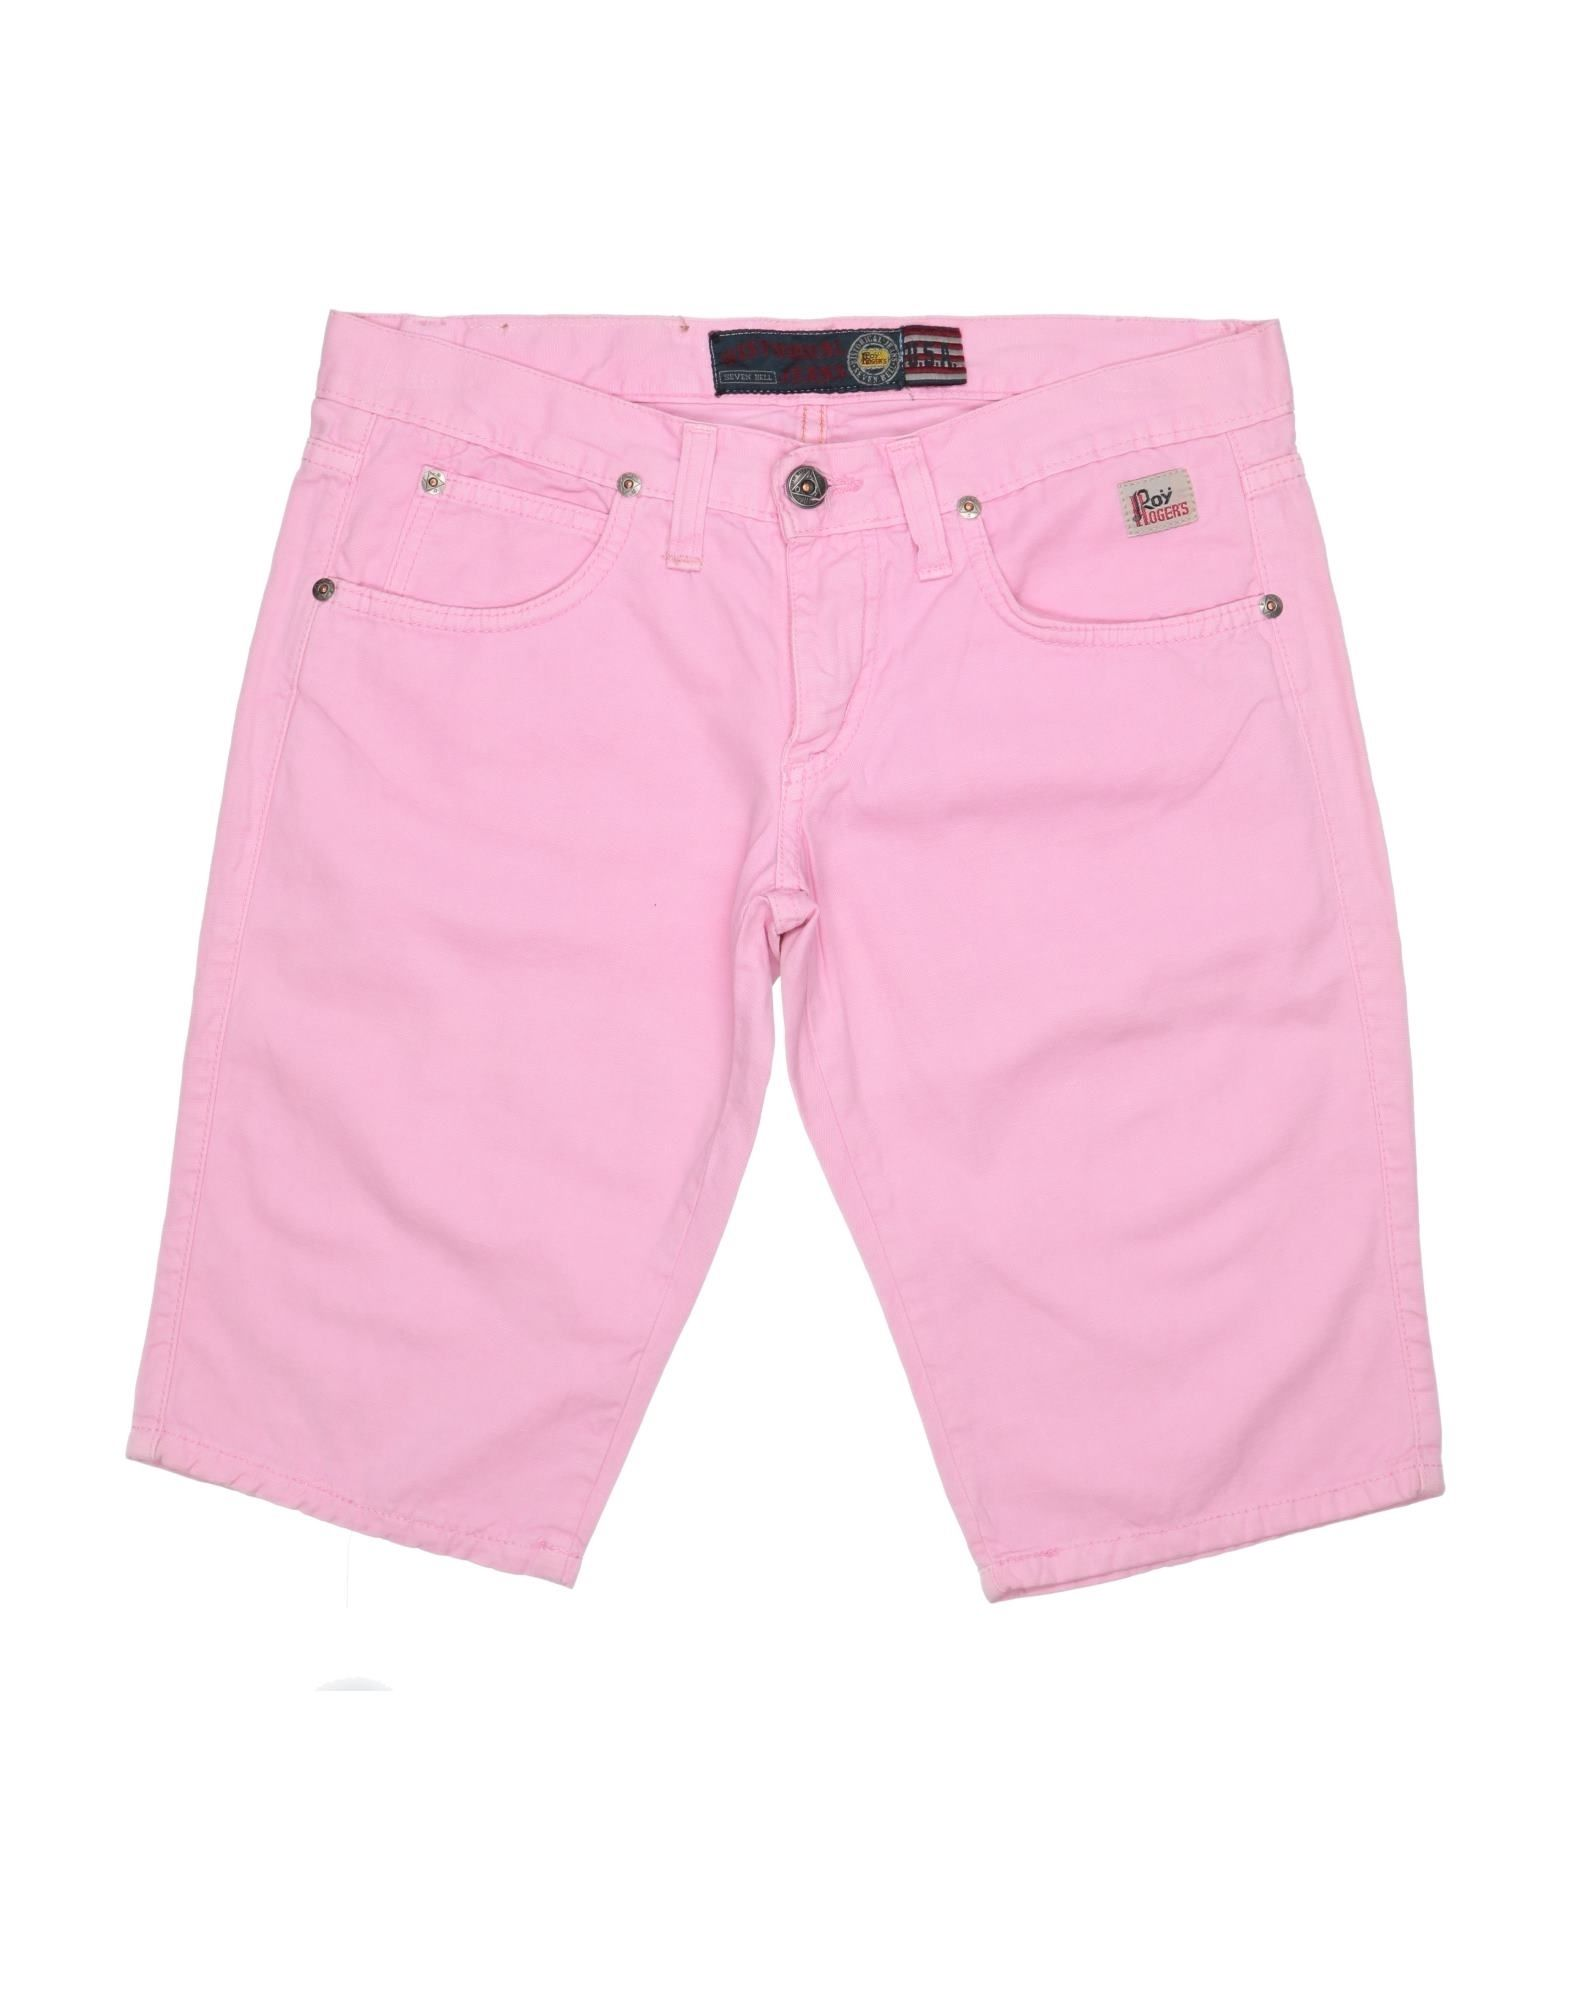 Roy Rogers Kids' Bermudas In Pink